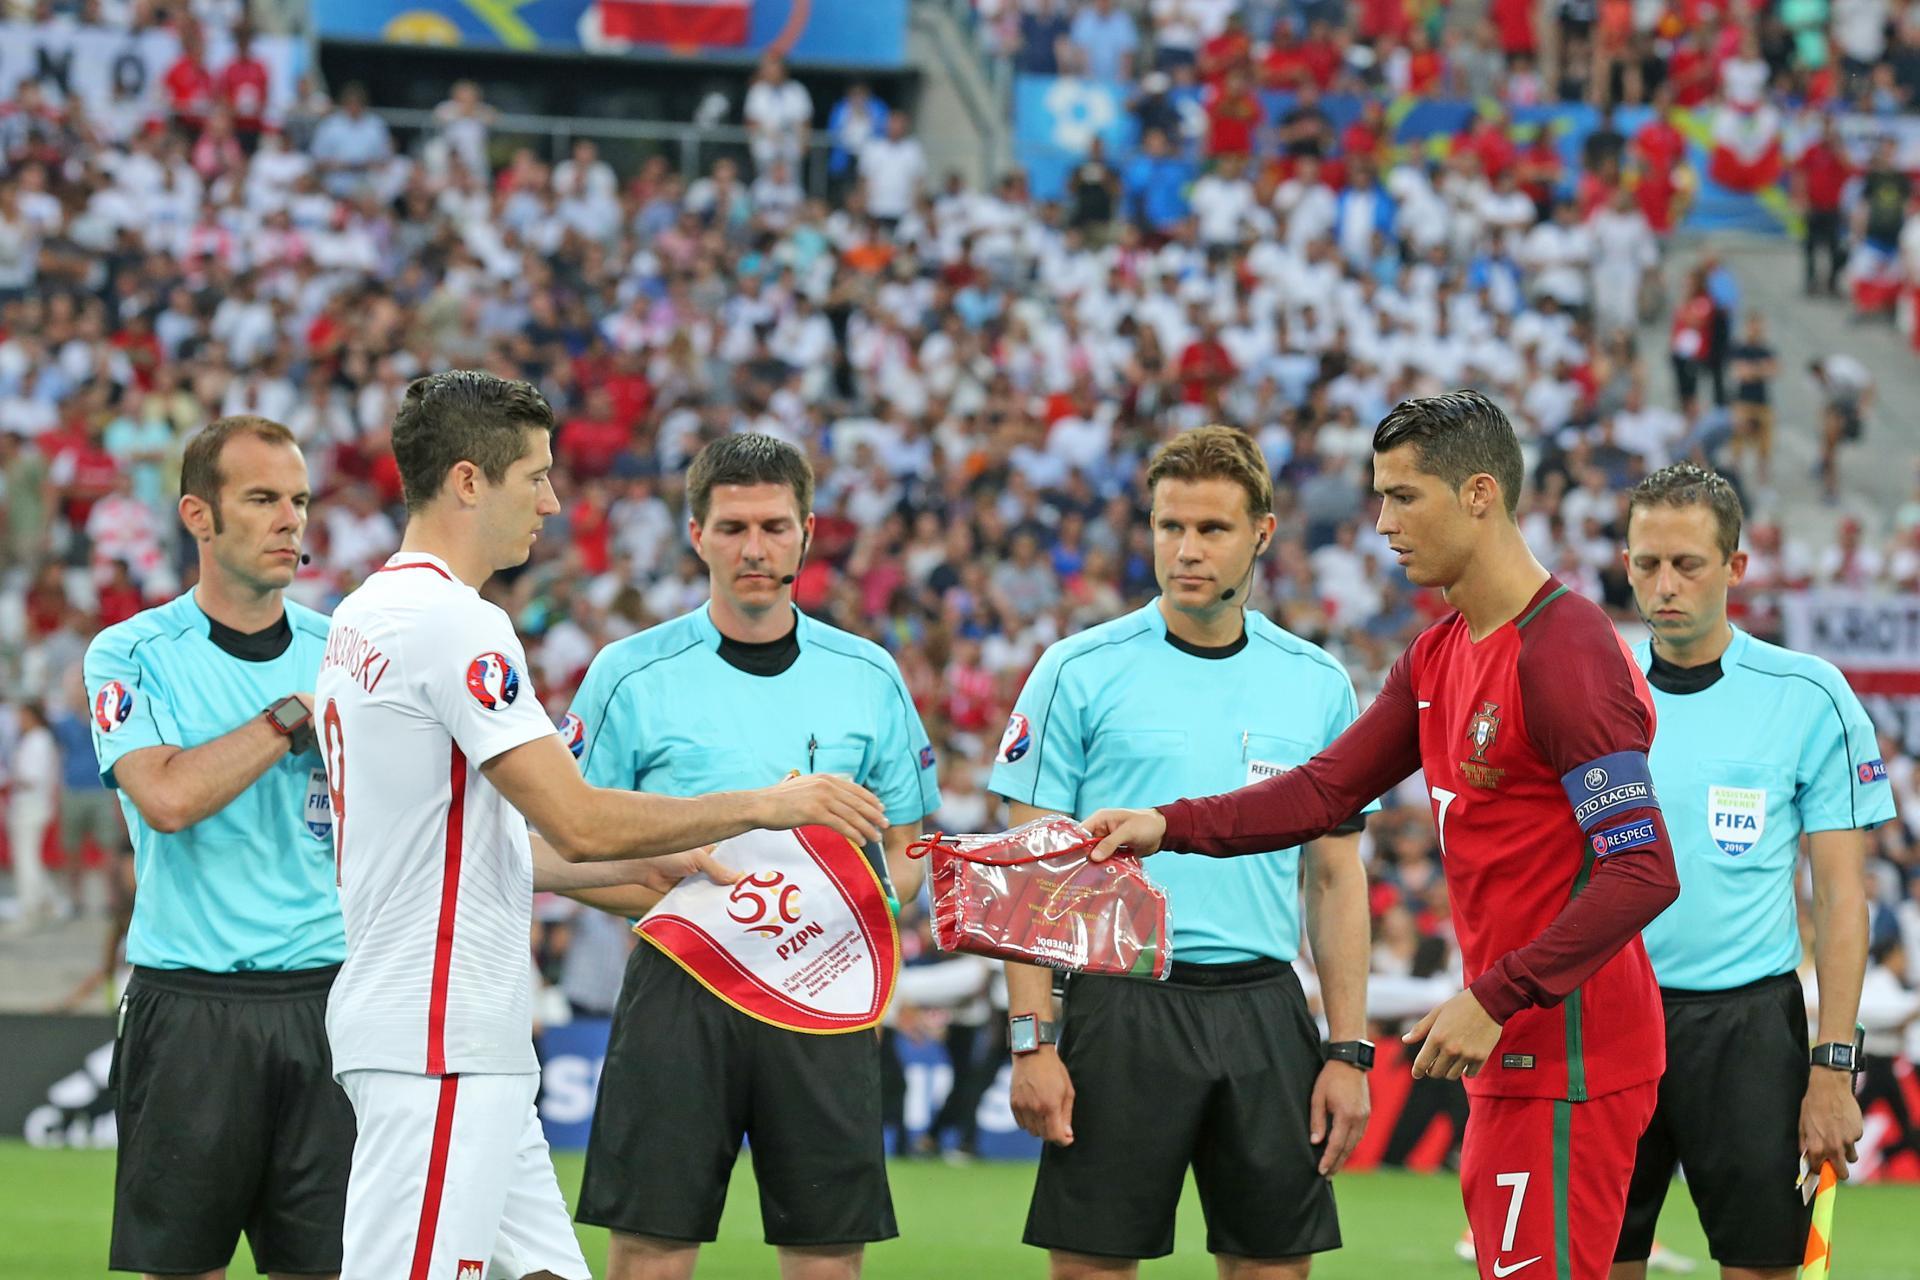 Robert Lewandowski i Cristiano Ronaldo - kapitanowie obu drużyn i dwie wielkie gwiazdy światowego futbolu wymieniają proporczyki przed ćwierćfinałowym starciem w Marsylii.